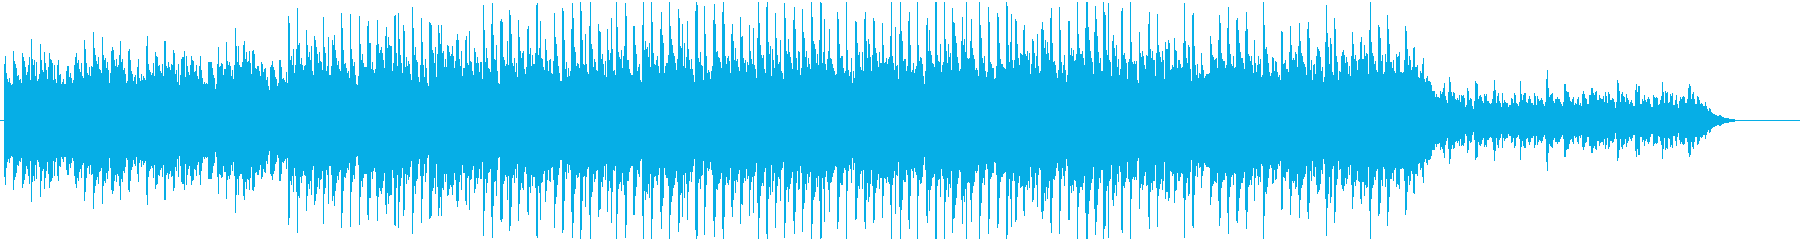 おしゃれで感動的なバラードの再生済みの波形